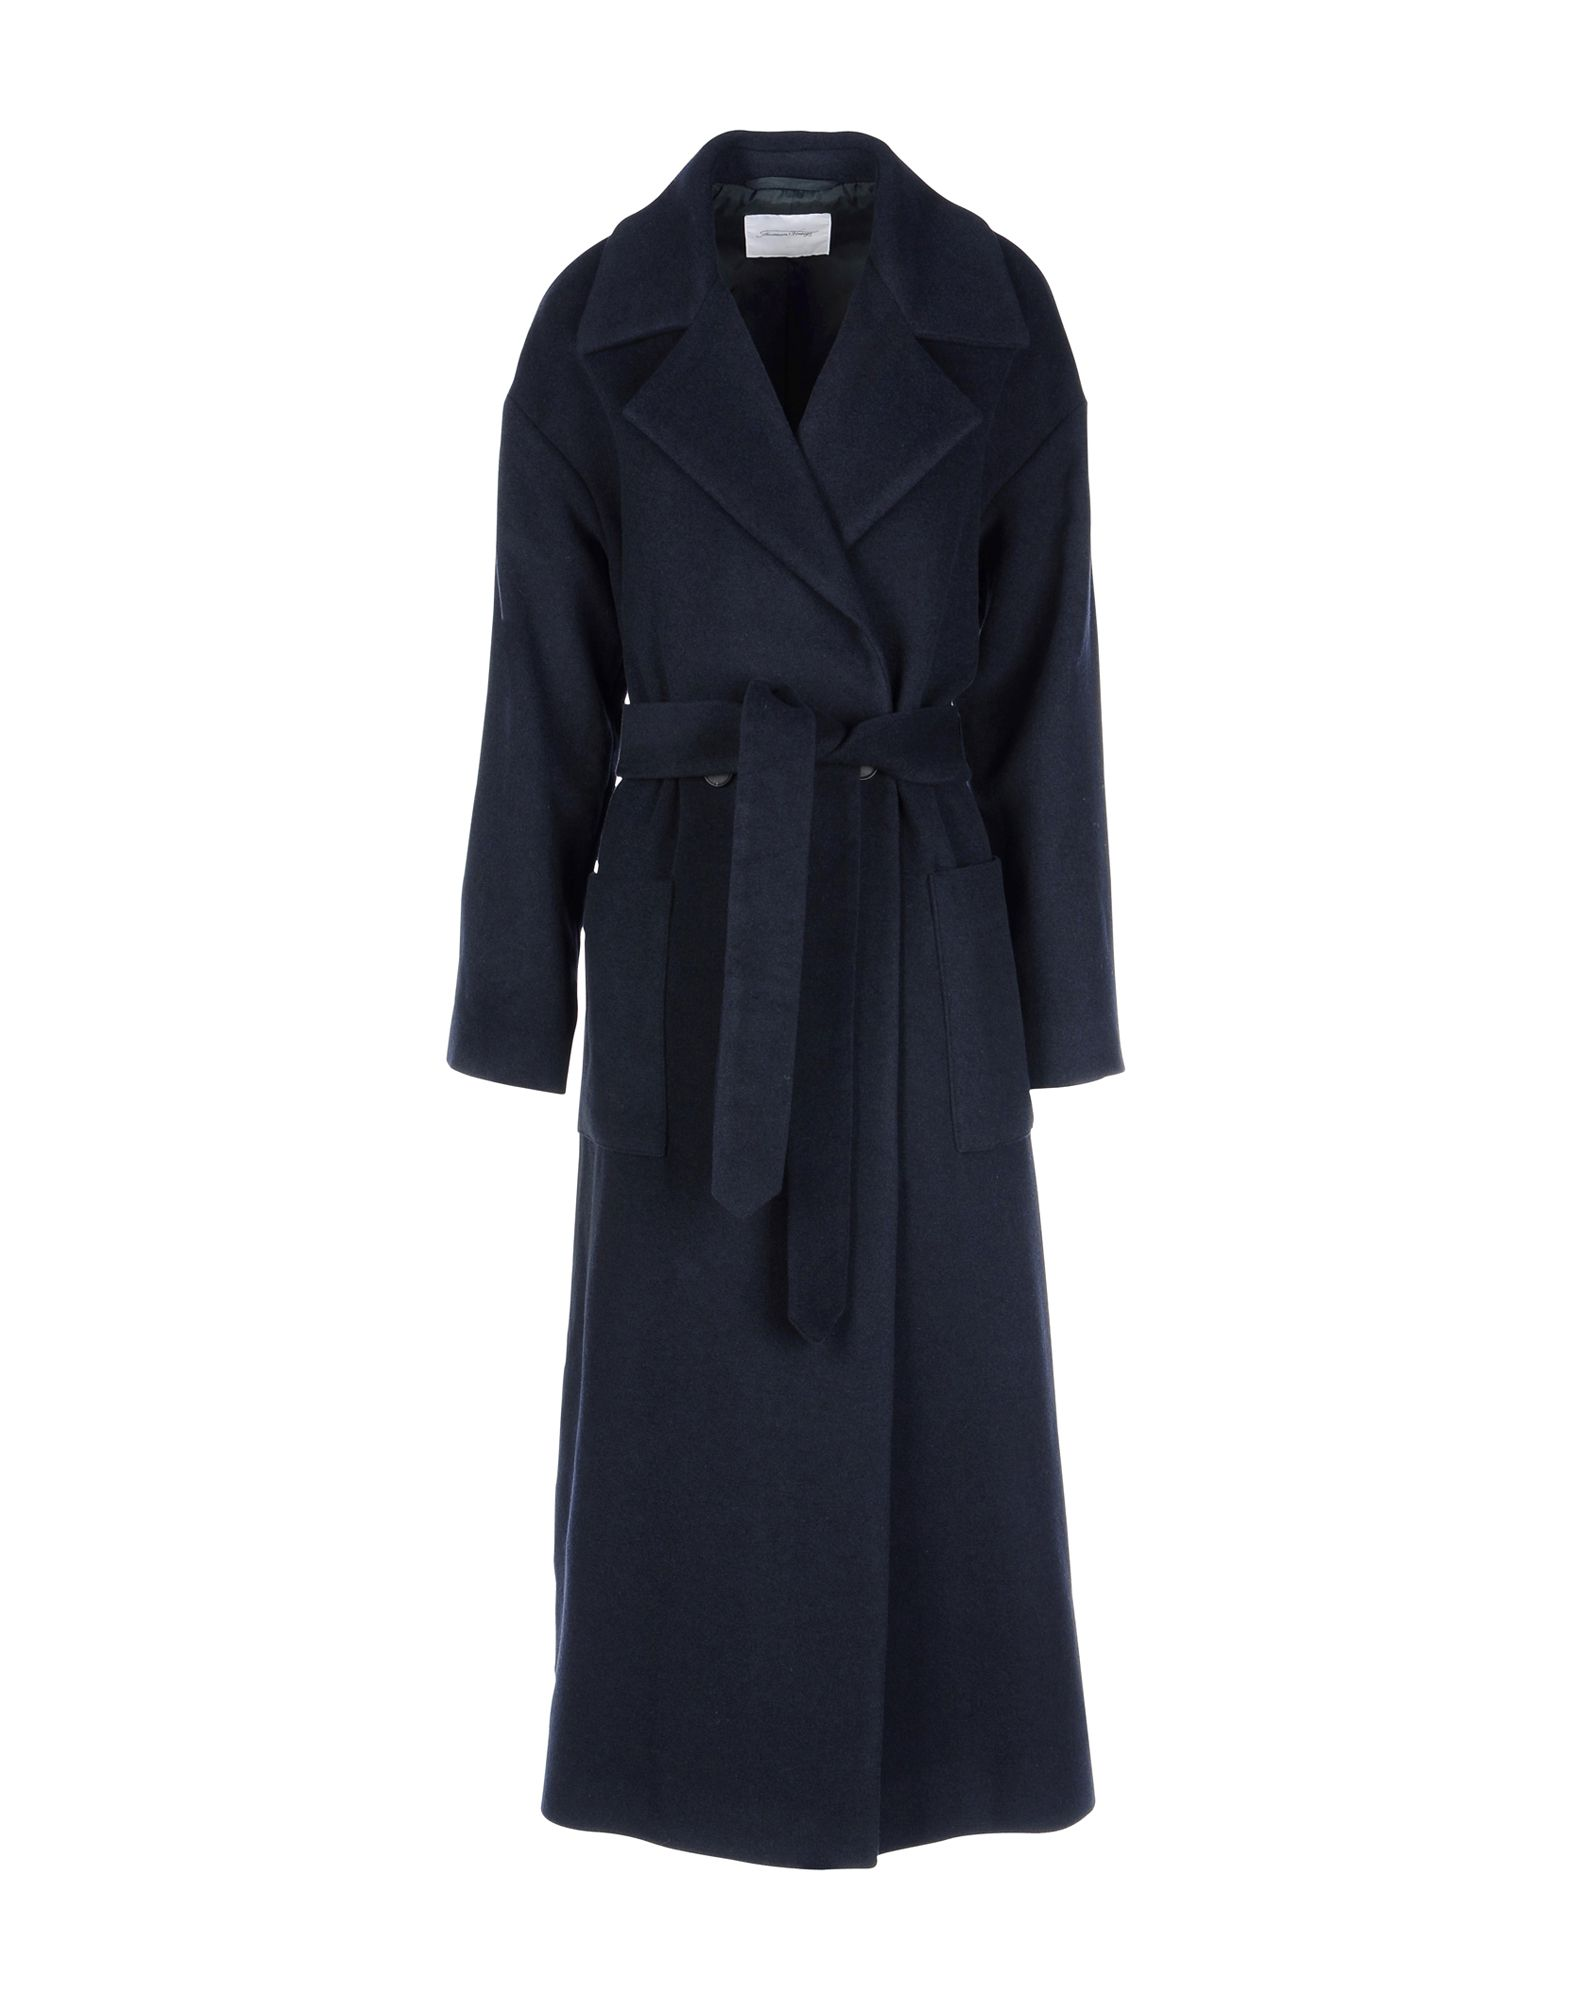 AMERICAN VINTAGE Coat in Dark Blue